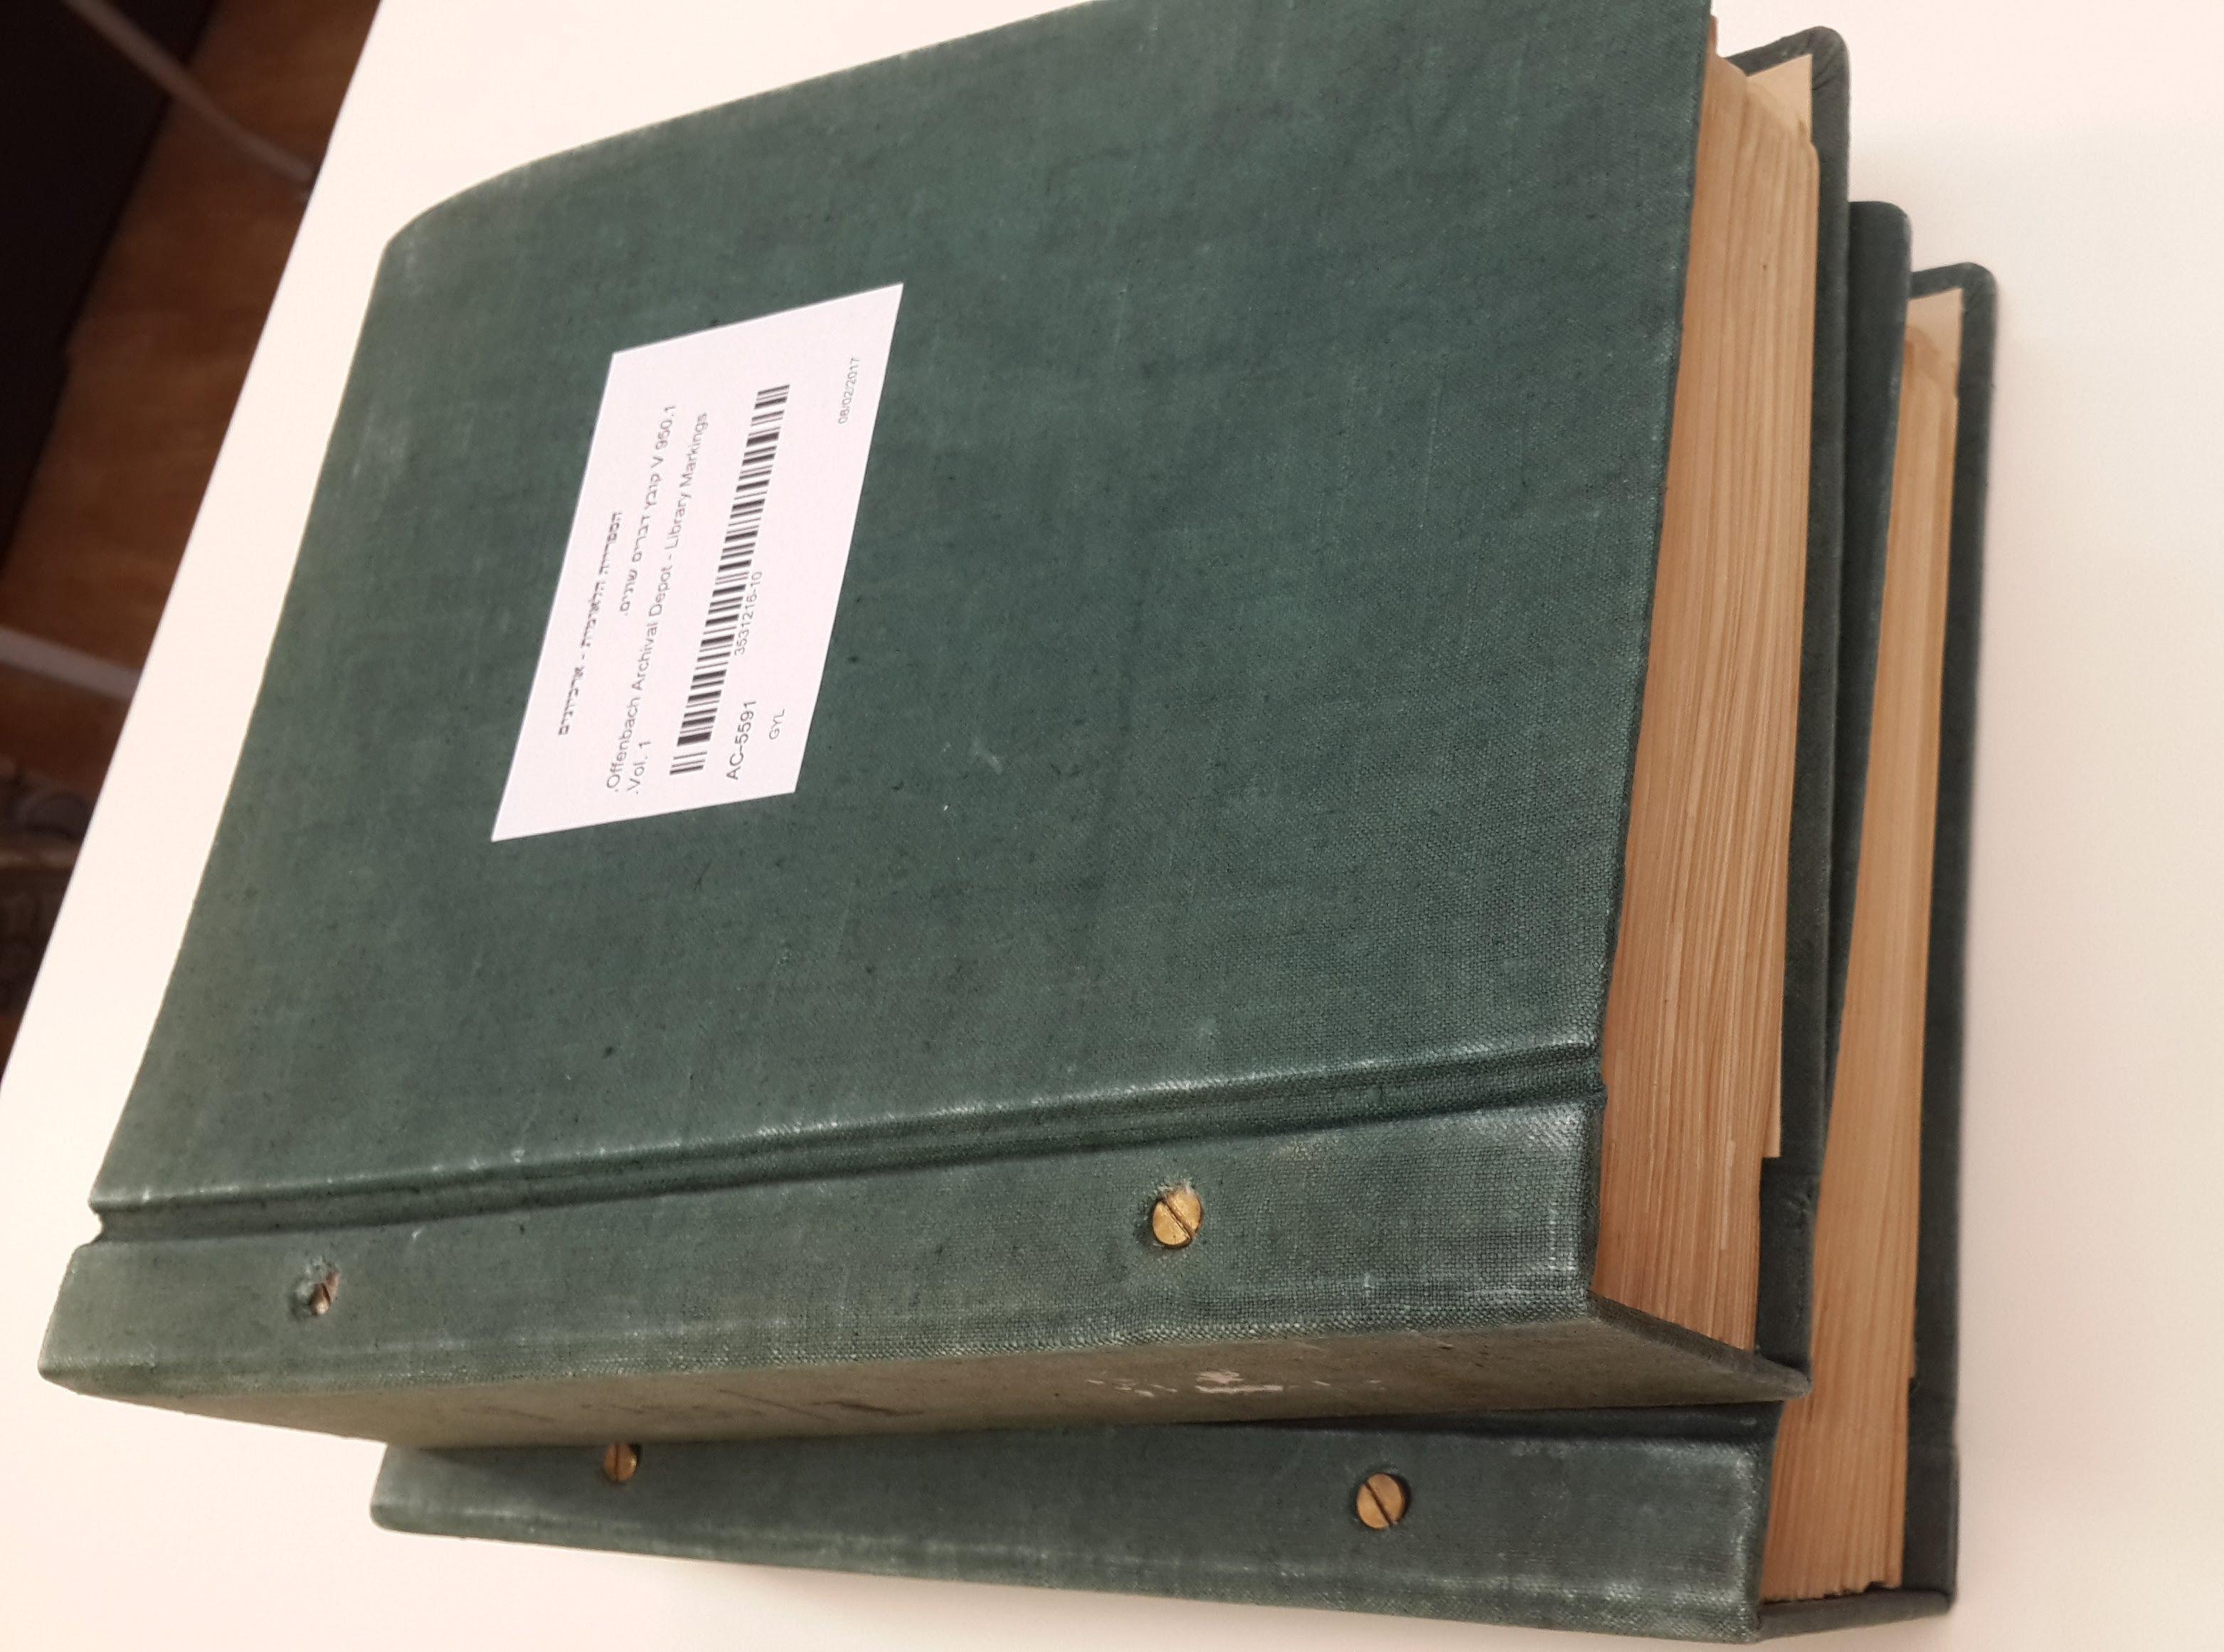 שני כרכי הקטלוגים מתוך ארכיון הספרייה הלאומית